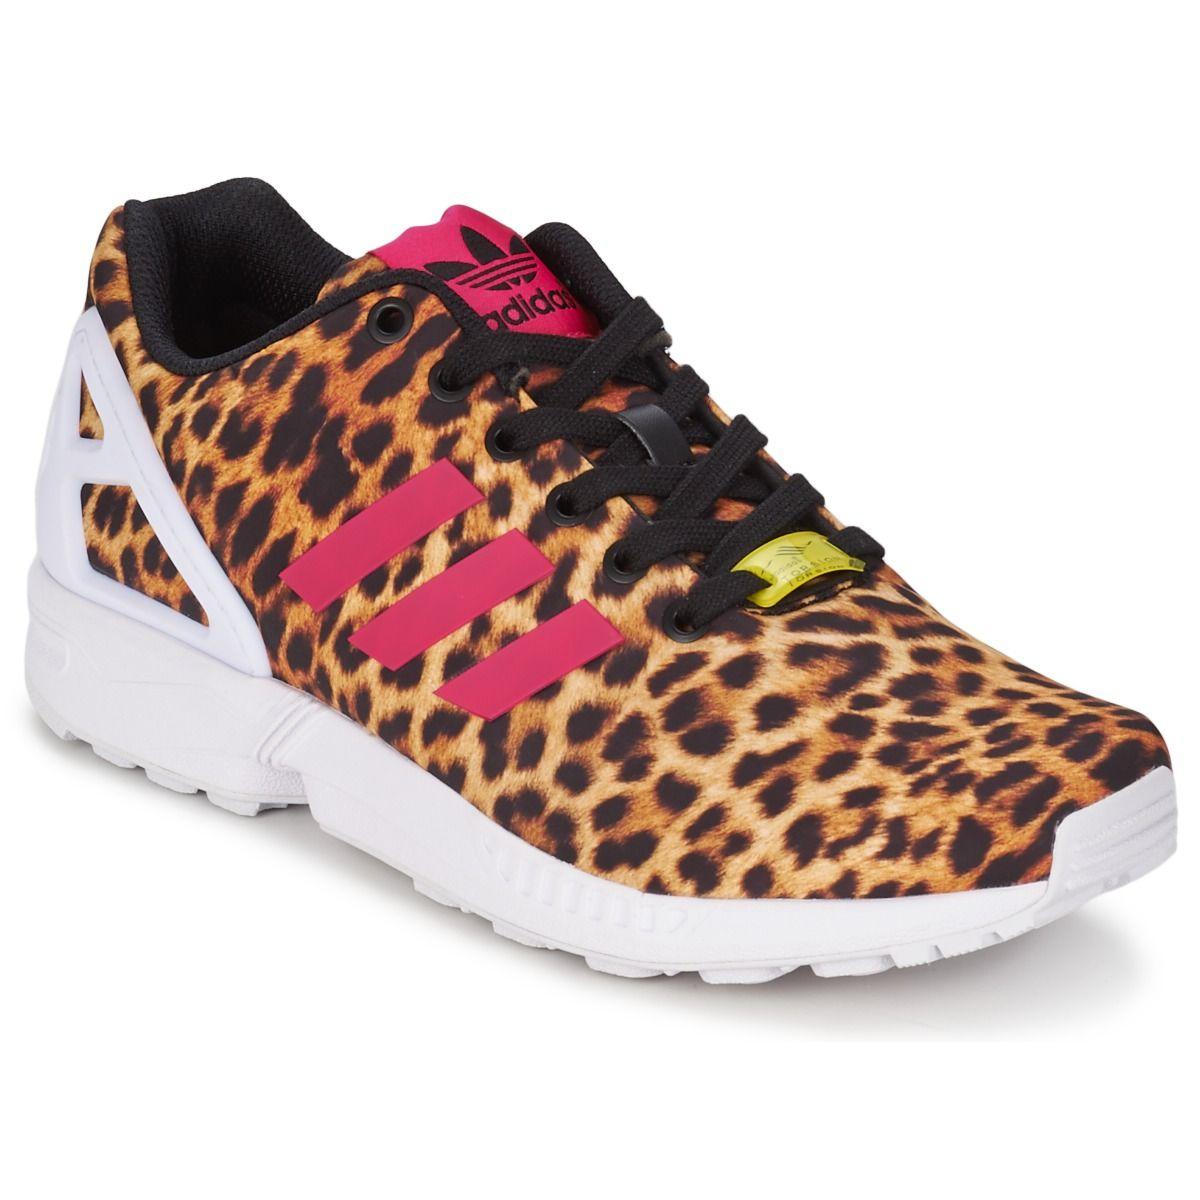 chaussure adidas femme leopard, le meilleur porte . vente de